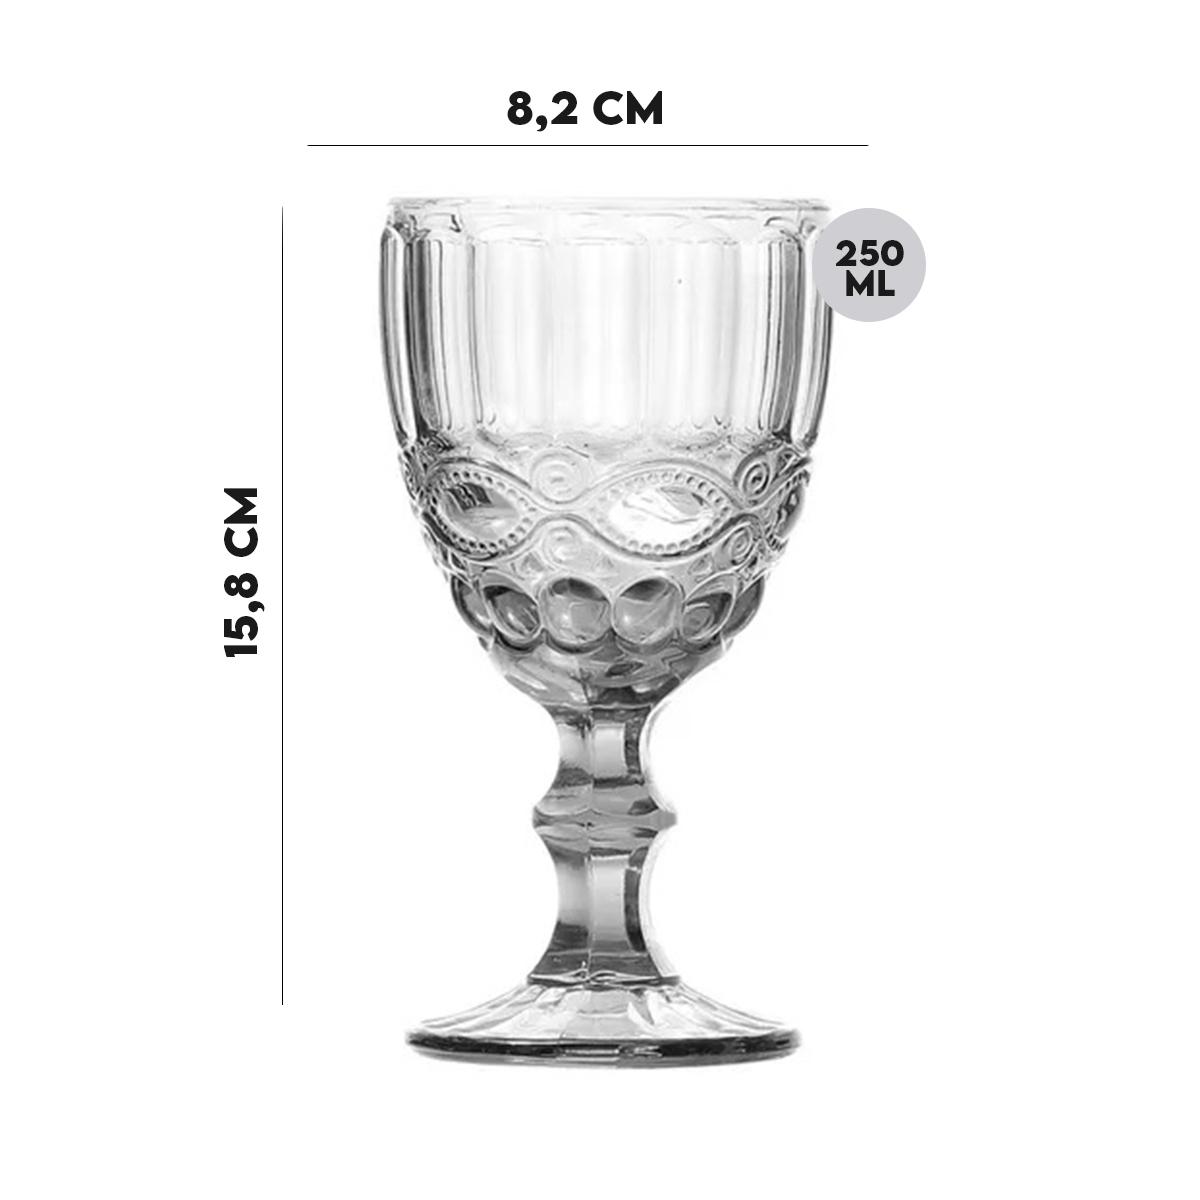 Taça para Vinho de Vidro Libelula Transparente 250 ml  - Lemis